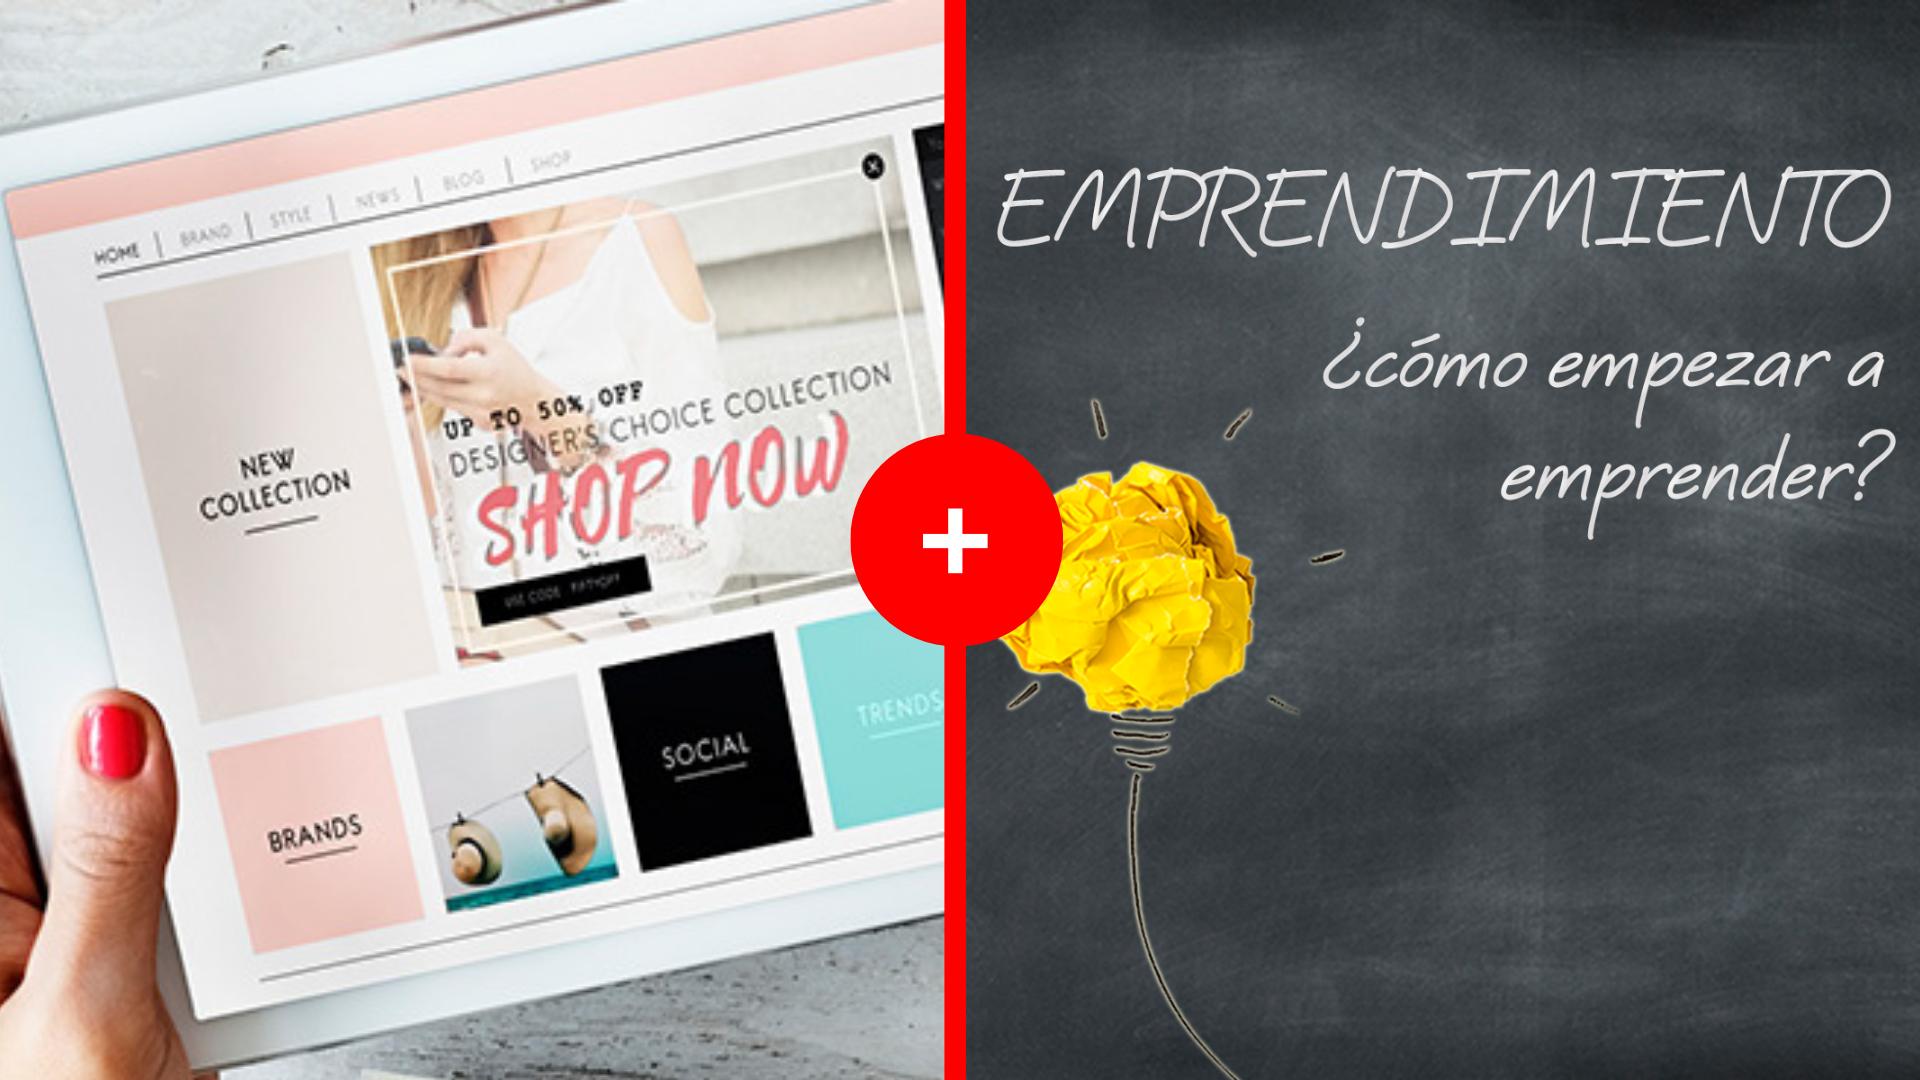 Curso de eCommerce + Emprendimientos + Marketing Digital